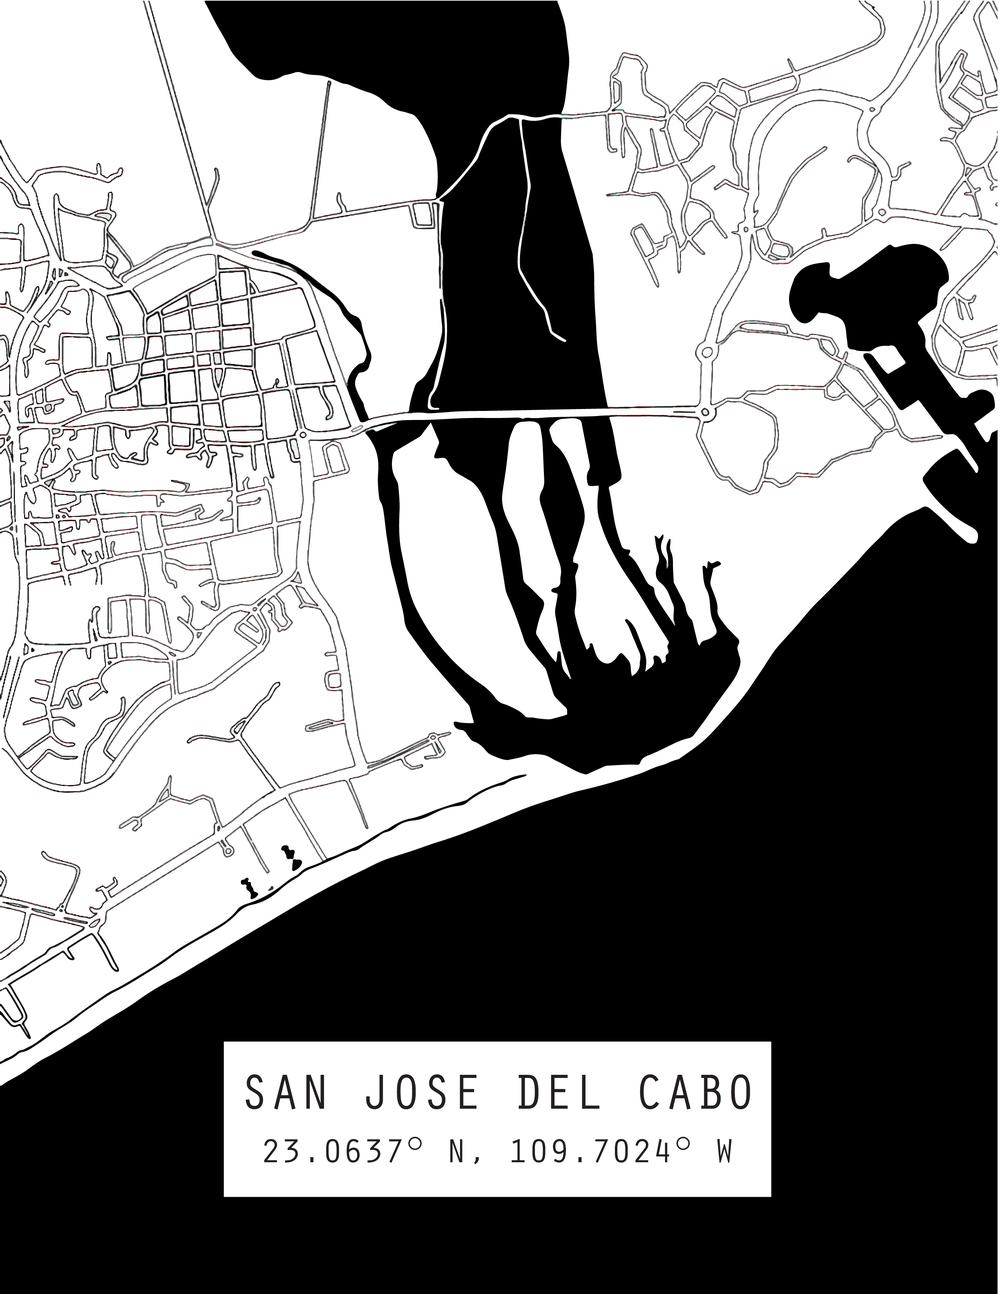 San Jose Del Cabo Mexico Map.San Jose Del Cabo Mexico Map Print Adventure Romance